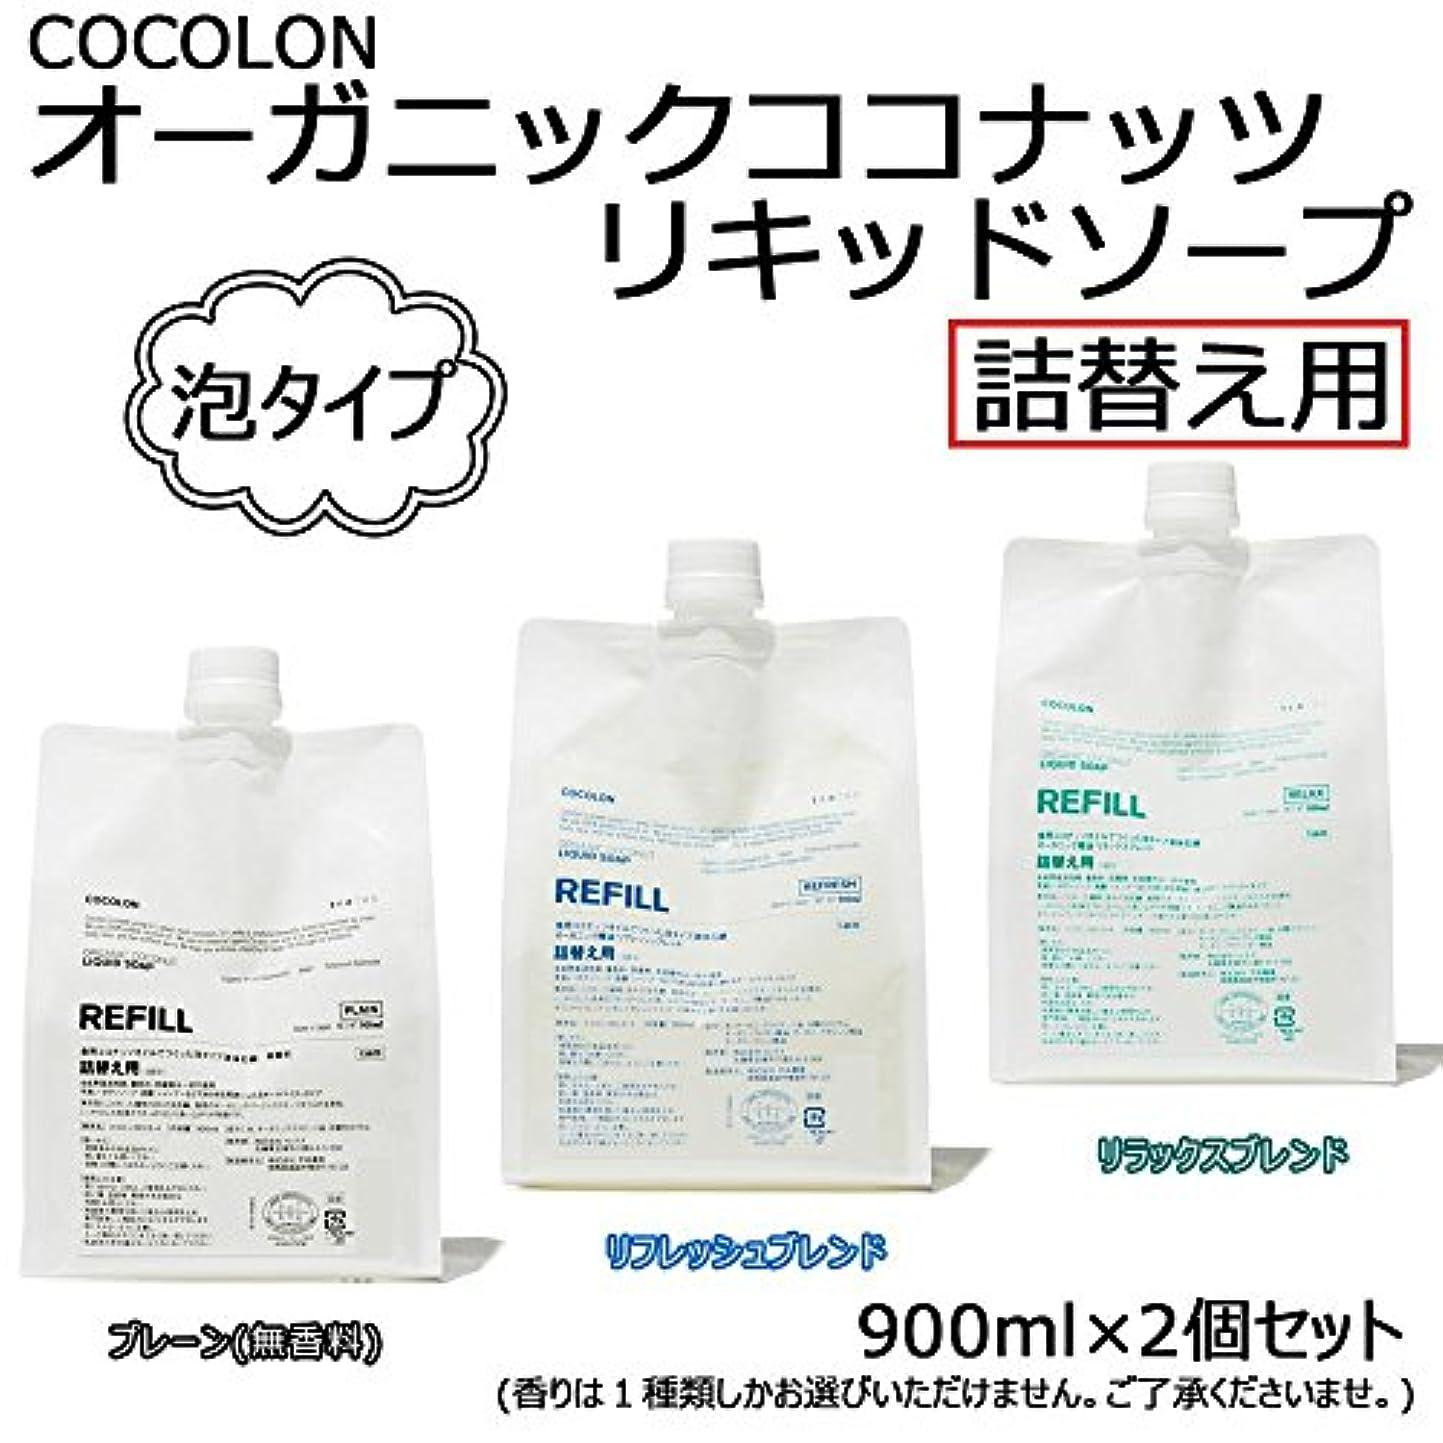 採用するロック解除識字COCOLON ココロン オーガニックココナッツリキッドソープ 泡タイプ 詰替え用 900ml 2個セット リフレッシュブレンド